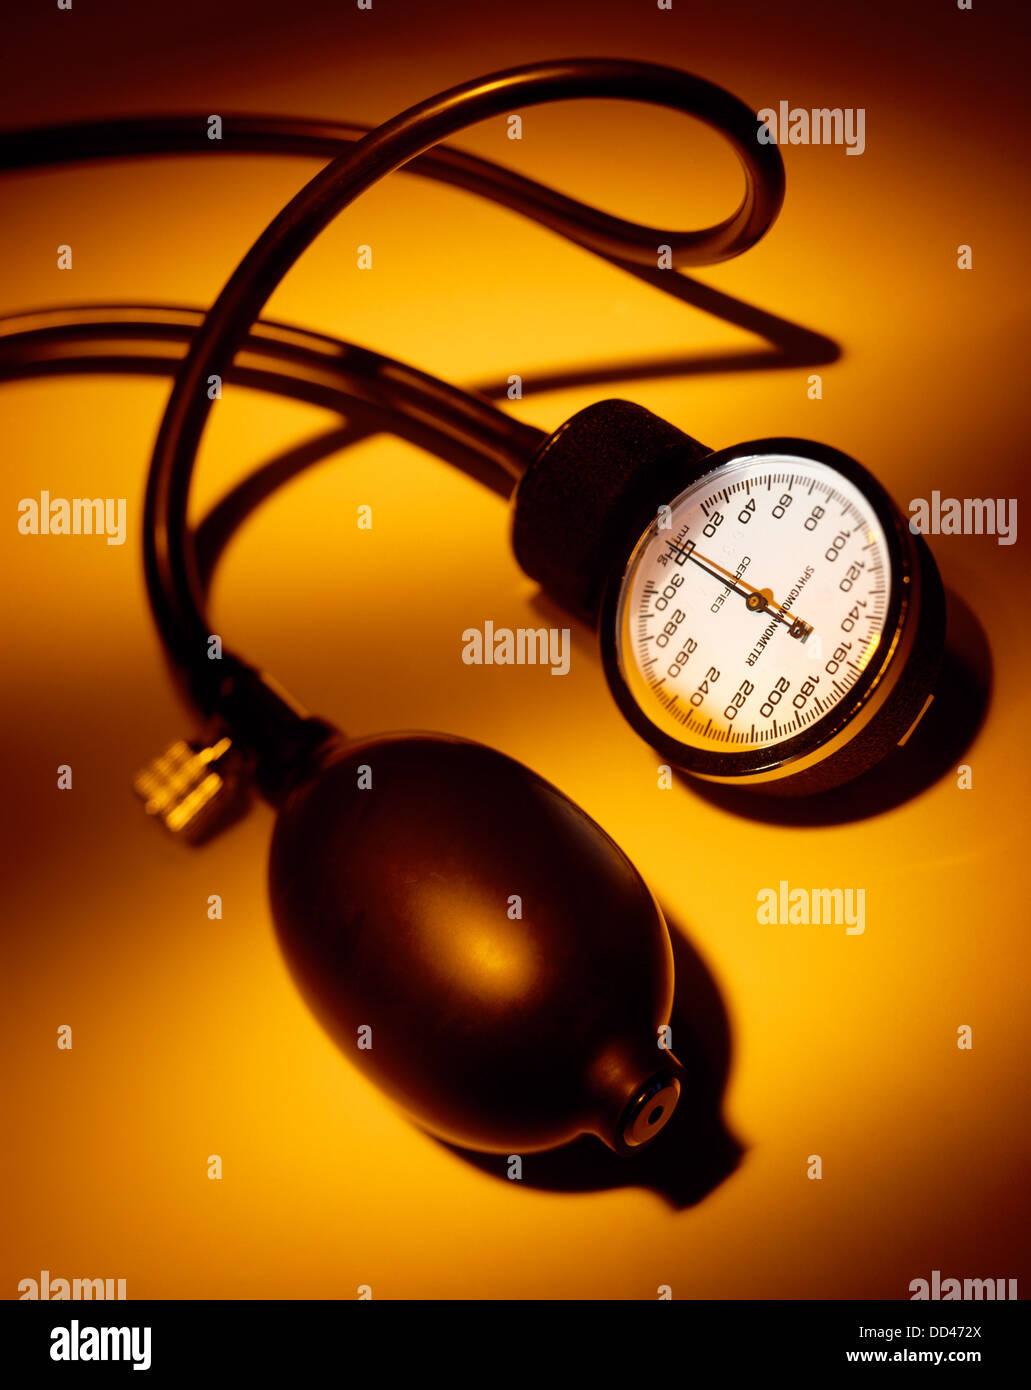 A blood pressure gauge on a orange background - Stock Image